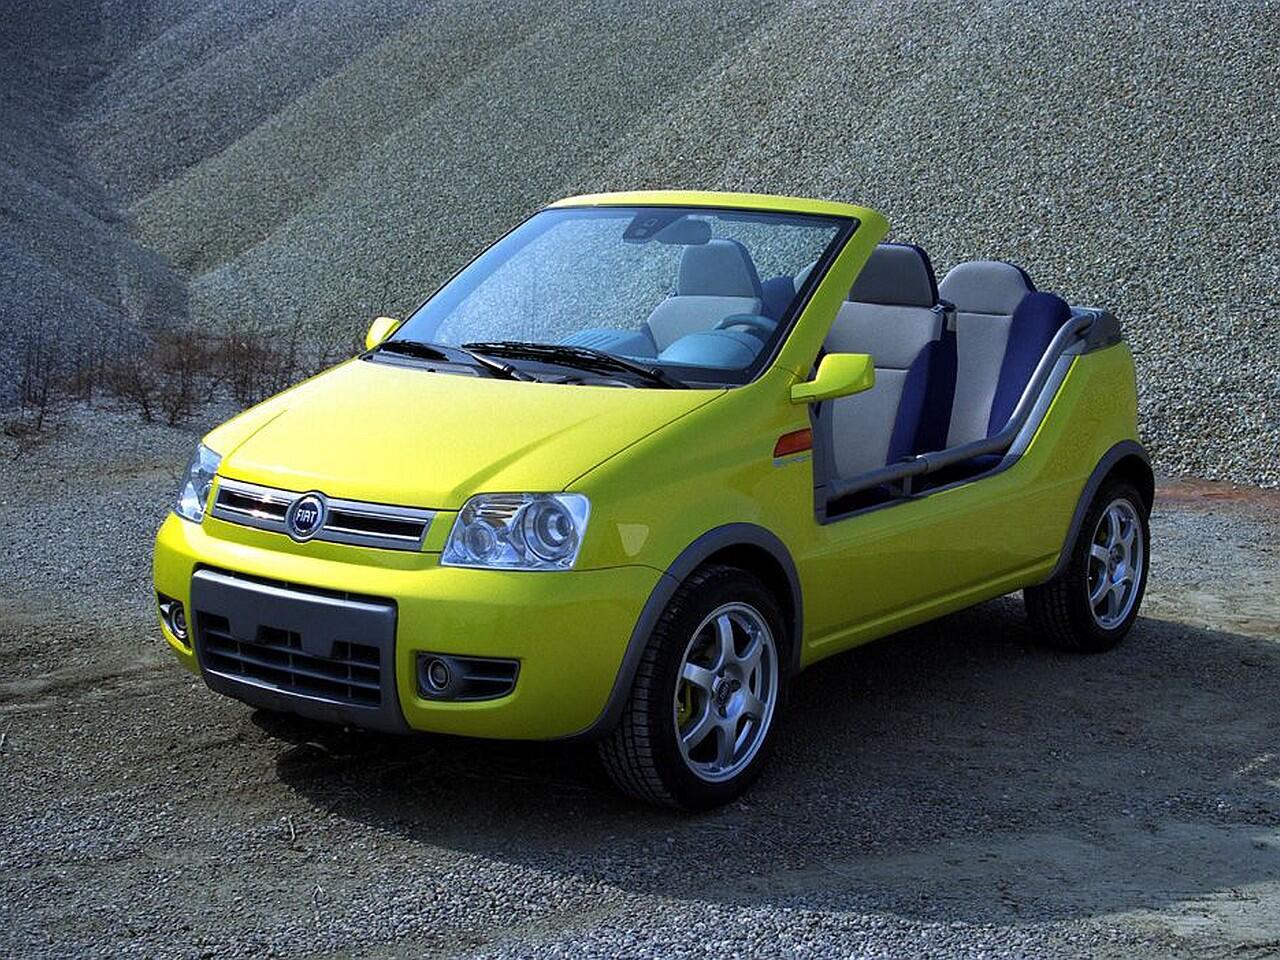 Bild zu Fiat Marrakech Concept (2003)